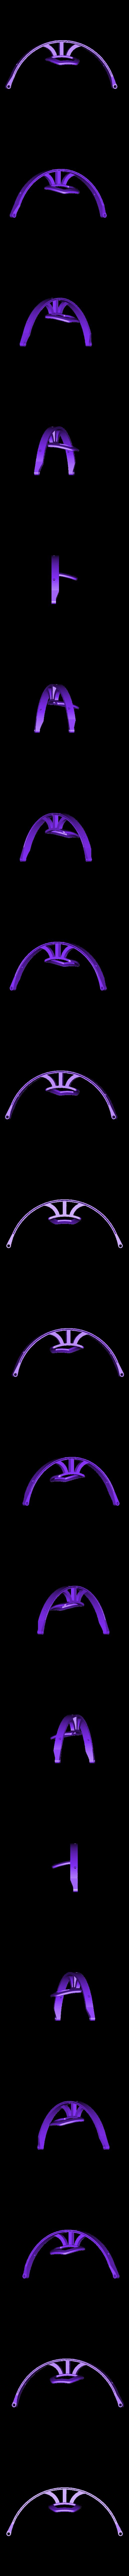 mini visiere bucale8 final.stl Télécharger fichier STL Couvre bouche Mini visière buccale protection covid • Objet à imprimer en 3D, Vape